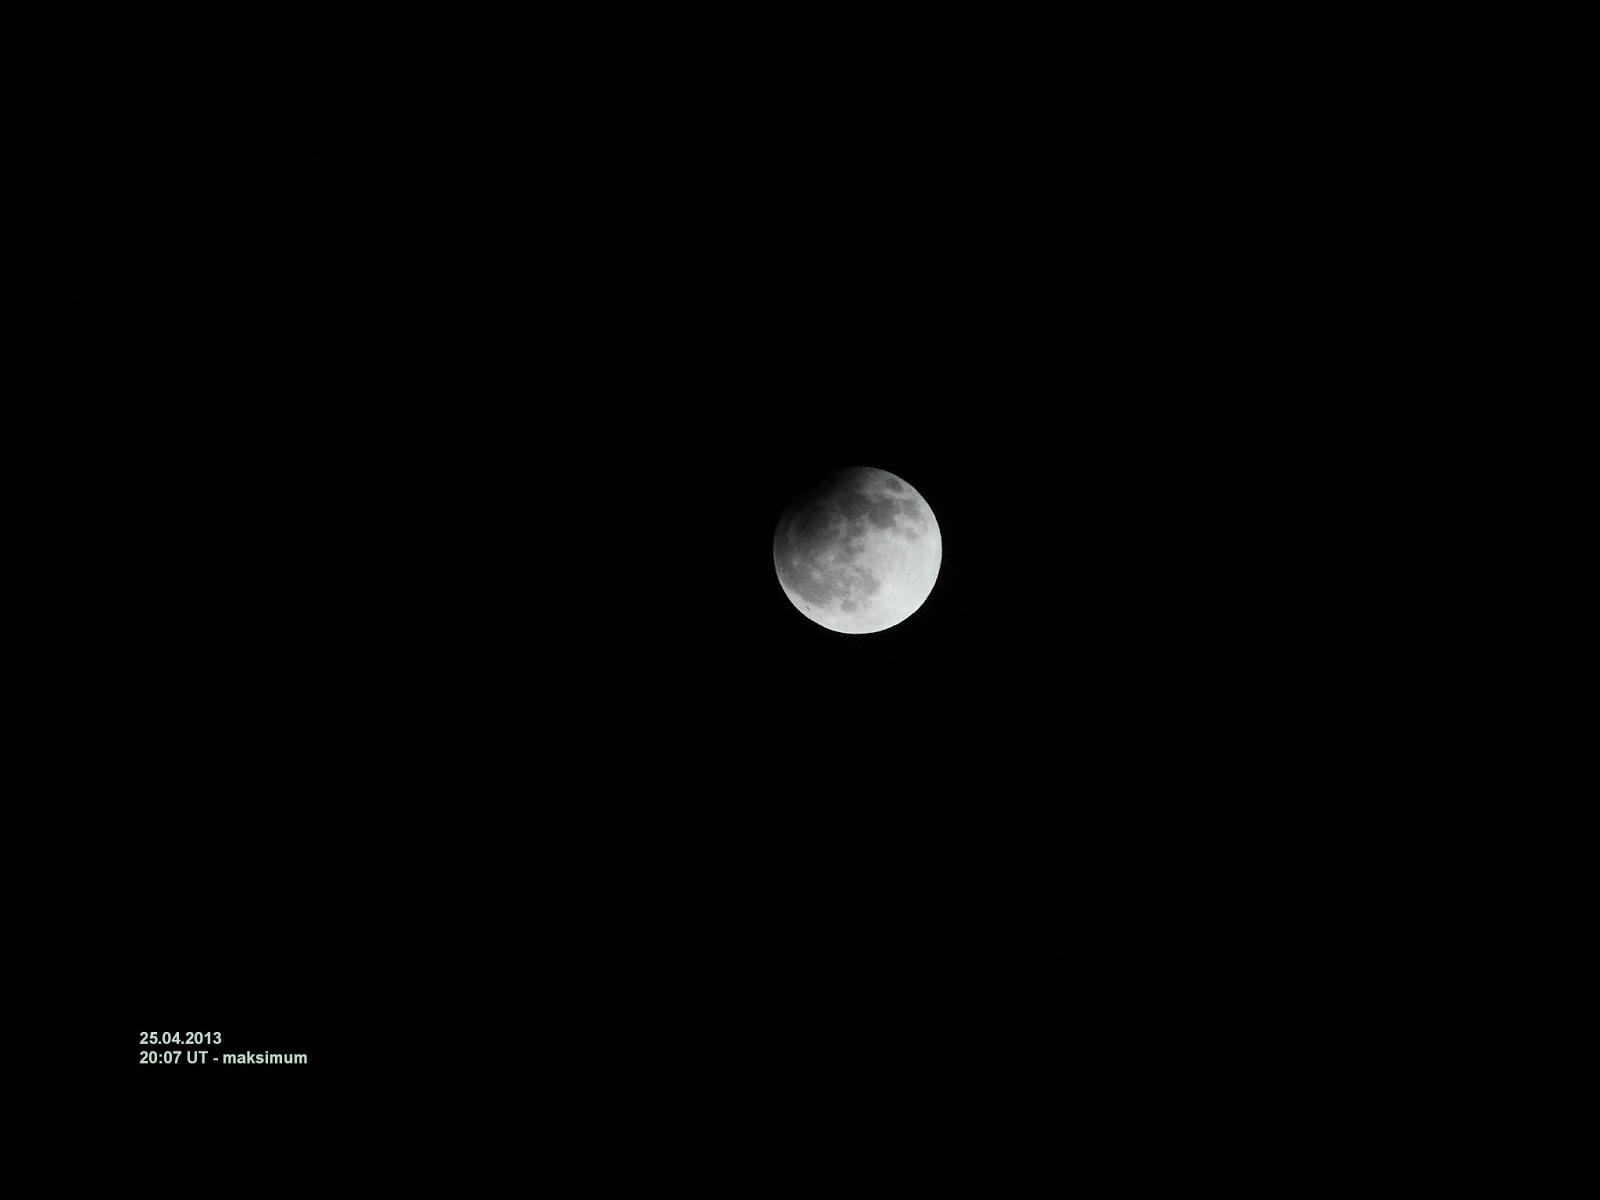 Najprostszy i najtańszy sposób uwiecznienia zaćmienia - aparat kompaktowy. W tym wypadku w trakcie częściowego zaćmienia Księżyca z 25 kwietnia 2013 roku była to wspomniana małpka Sony DSC-H20 ustawiona na 10-krotne powiększenie, odpowiadające 380 mm ogniskowej (tu pełny kadr bez cropa). Taka ogniskowa pozwala już na sfotografowanie tarczy Księżyca na tyle dużej, by wyraźne stały się morza, pasma górskie i największe kratery uderzeniowe, ale w porównaniu do całego kadru wielkość tarczy nie jest porywająca, stąd częsta konieczność stosowania cropa.